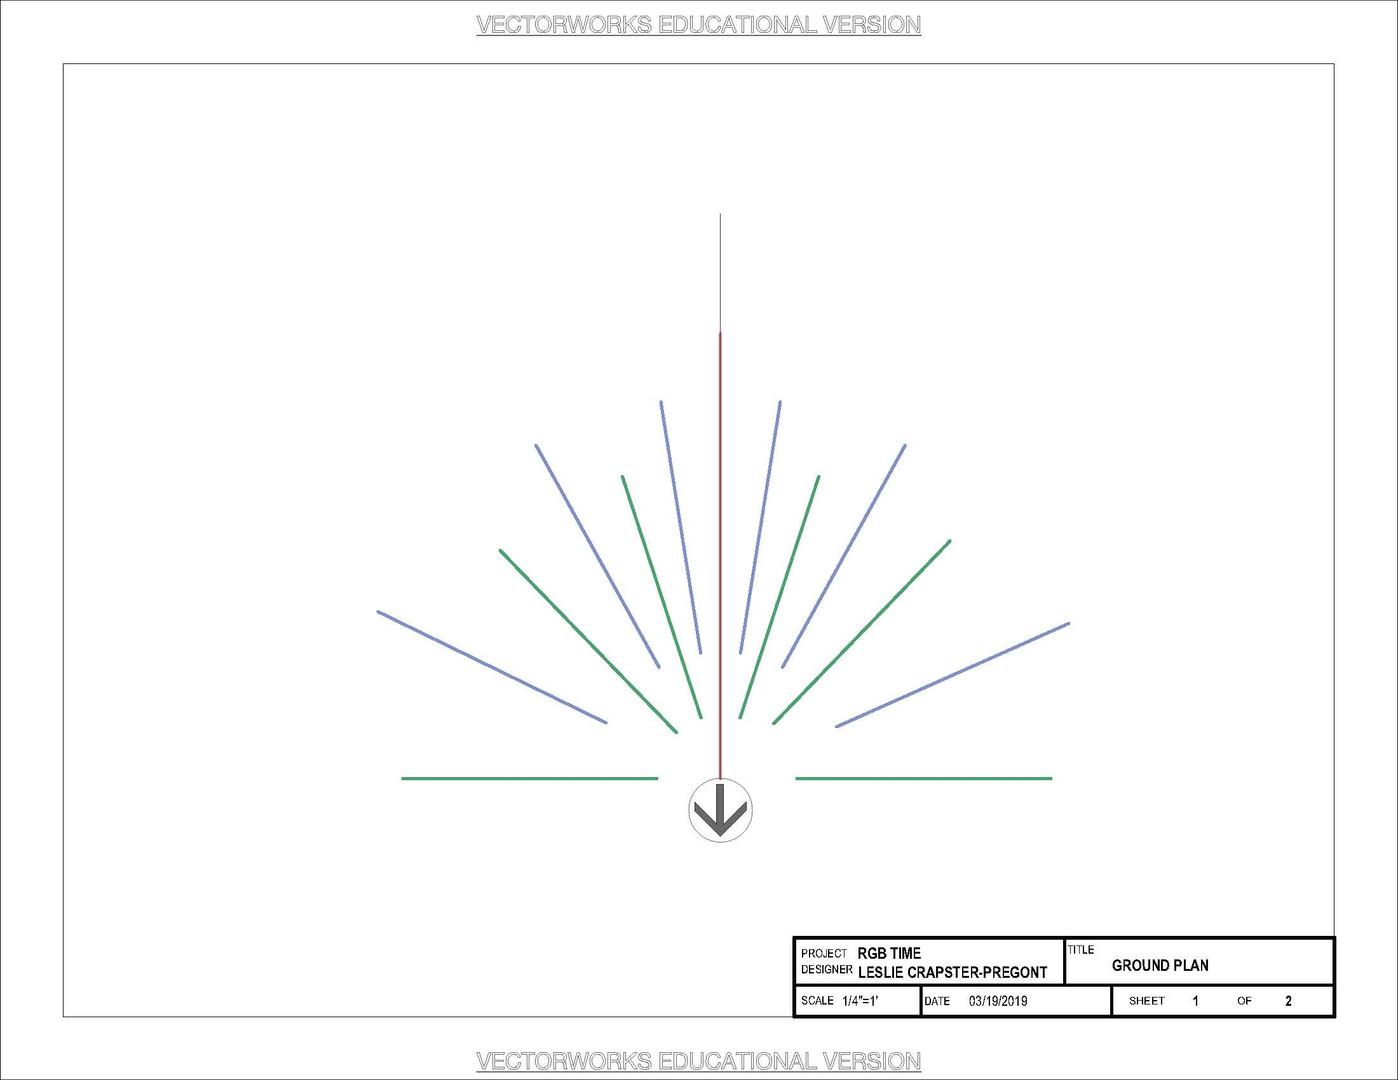 Vectorworks Drafting Sample